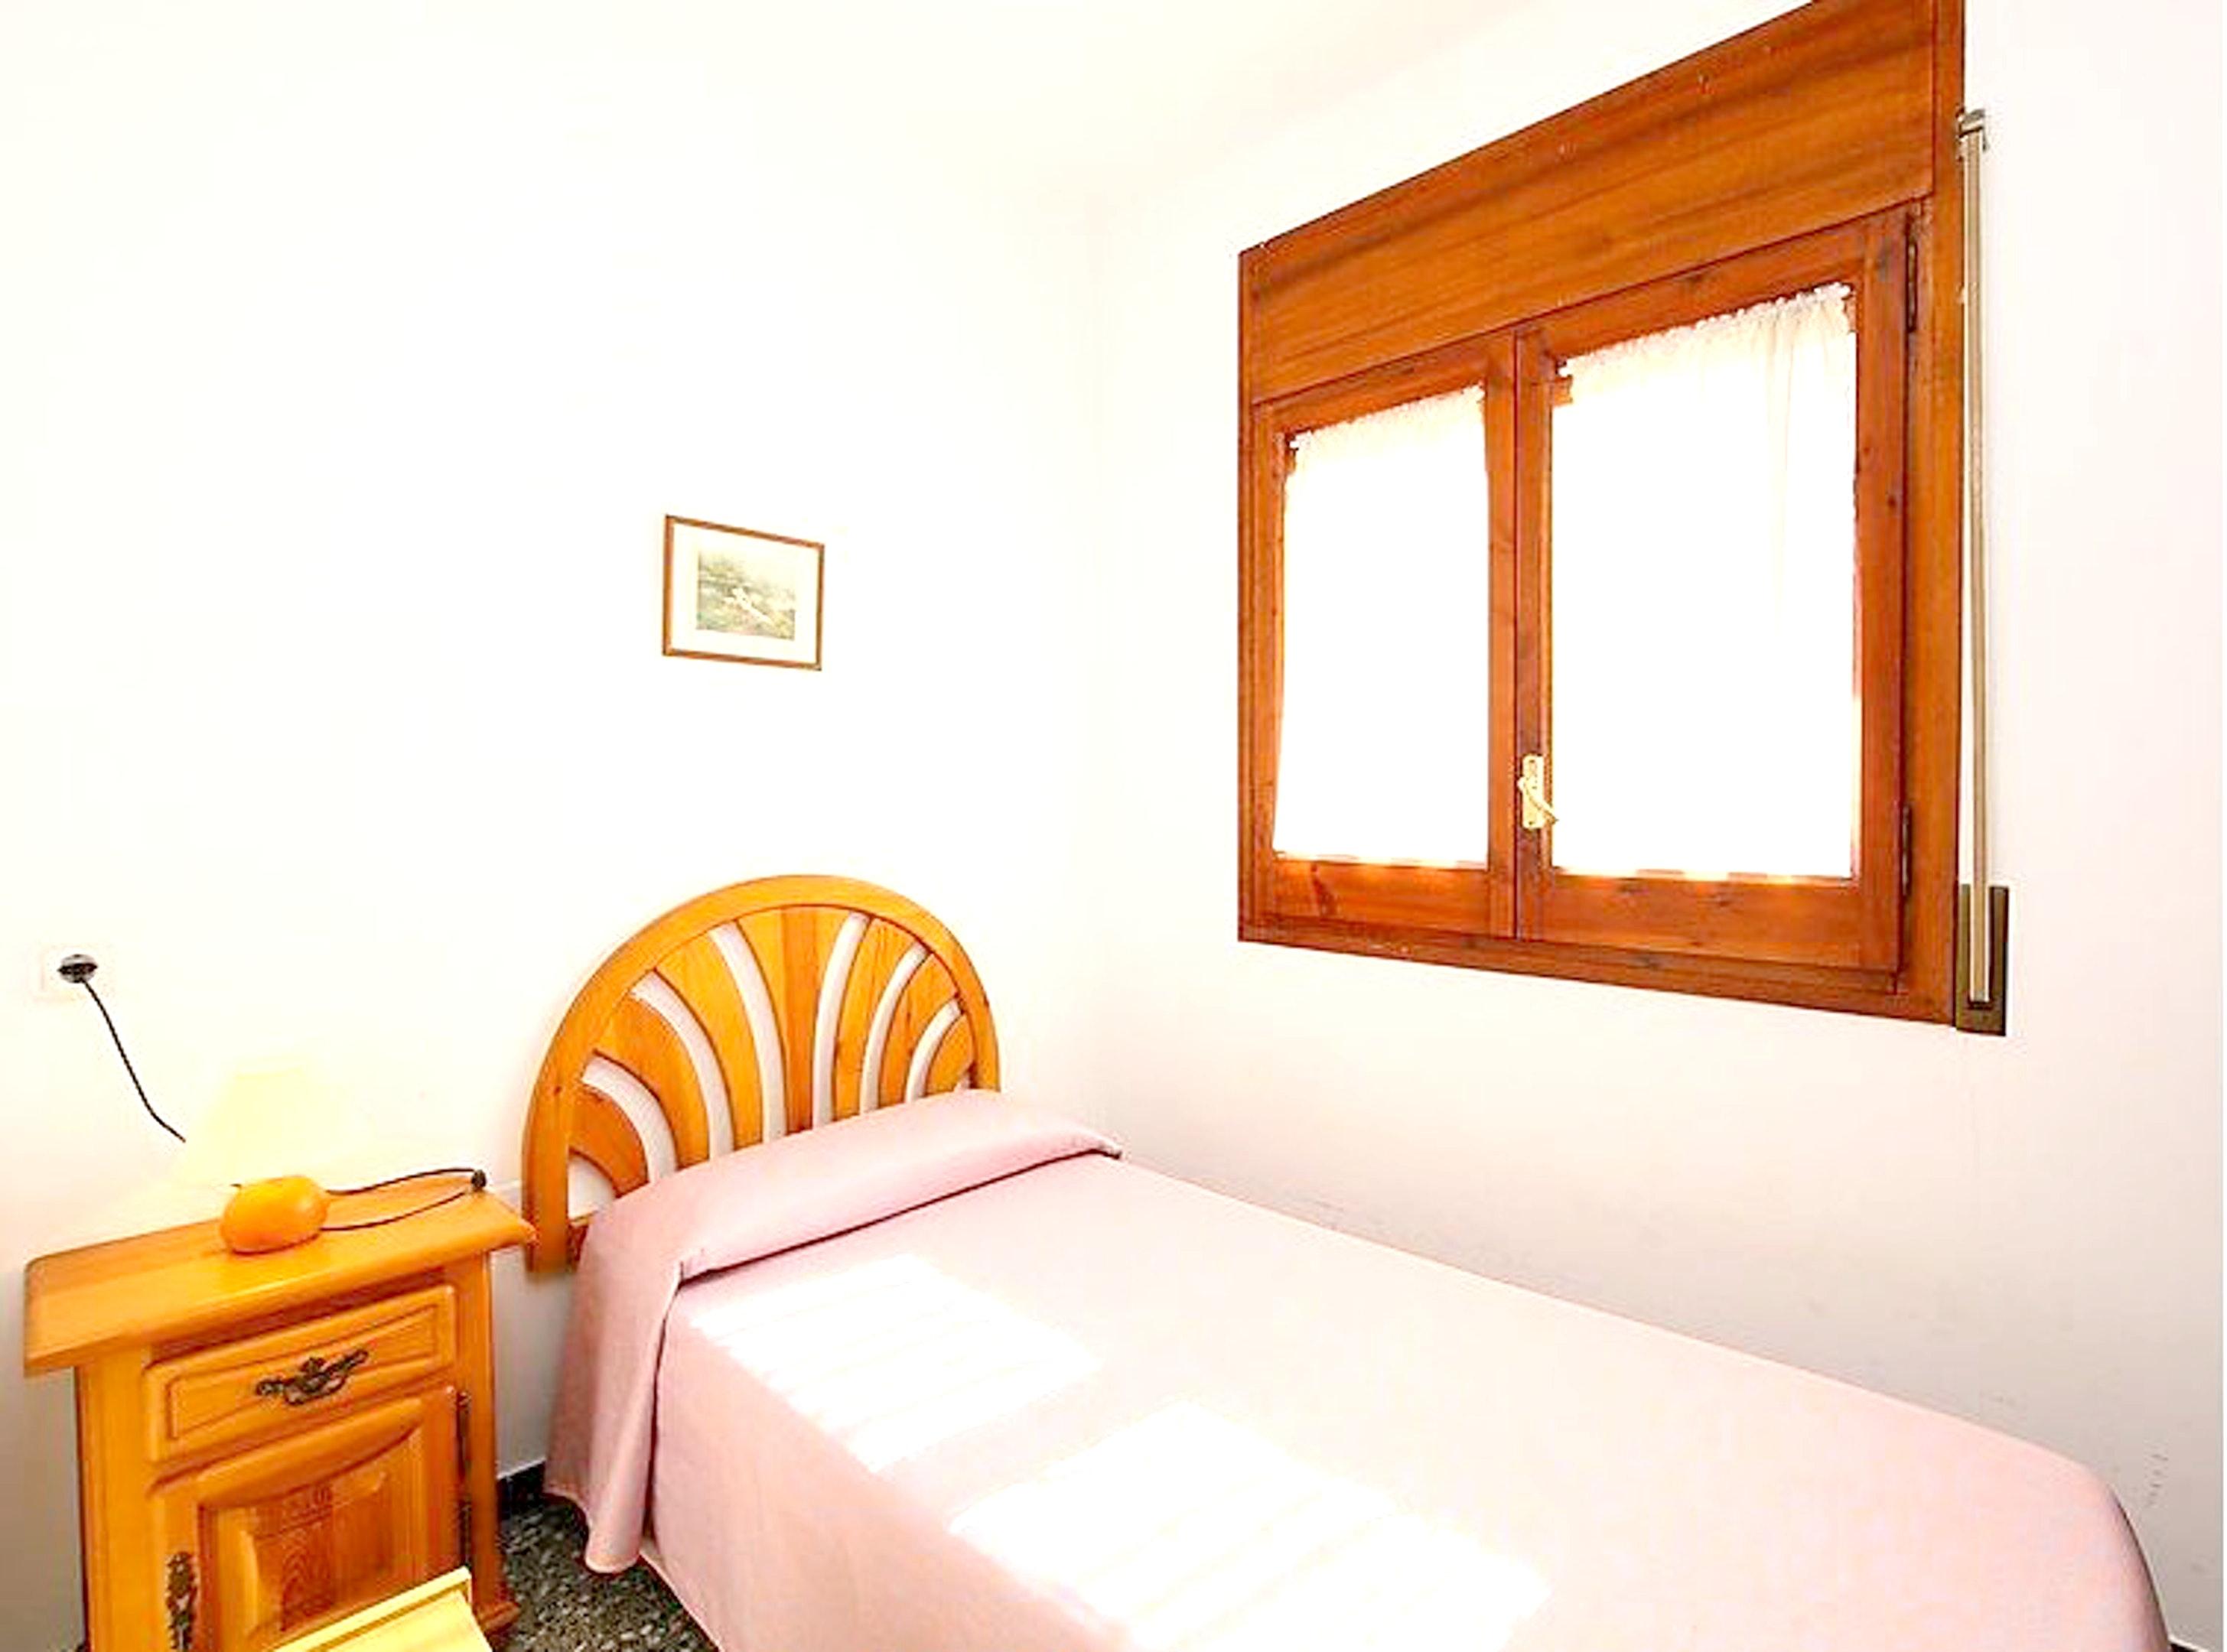 Ferienhaus Villa mit 6 Schlafzimmern in Canyelles mit toller Aussicht auf die Berge, privatem Pool, e (2339365), Canyelles, Costa del Garraf, Katalonien, Spanien, Bild 8